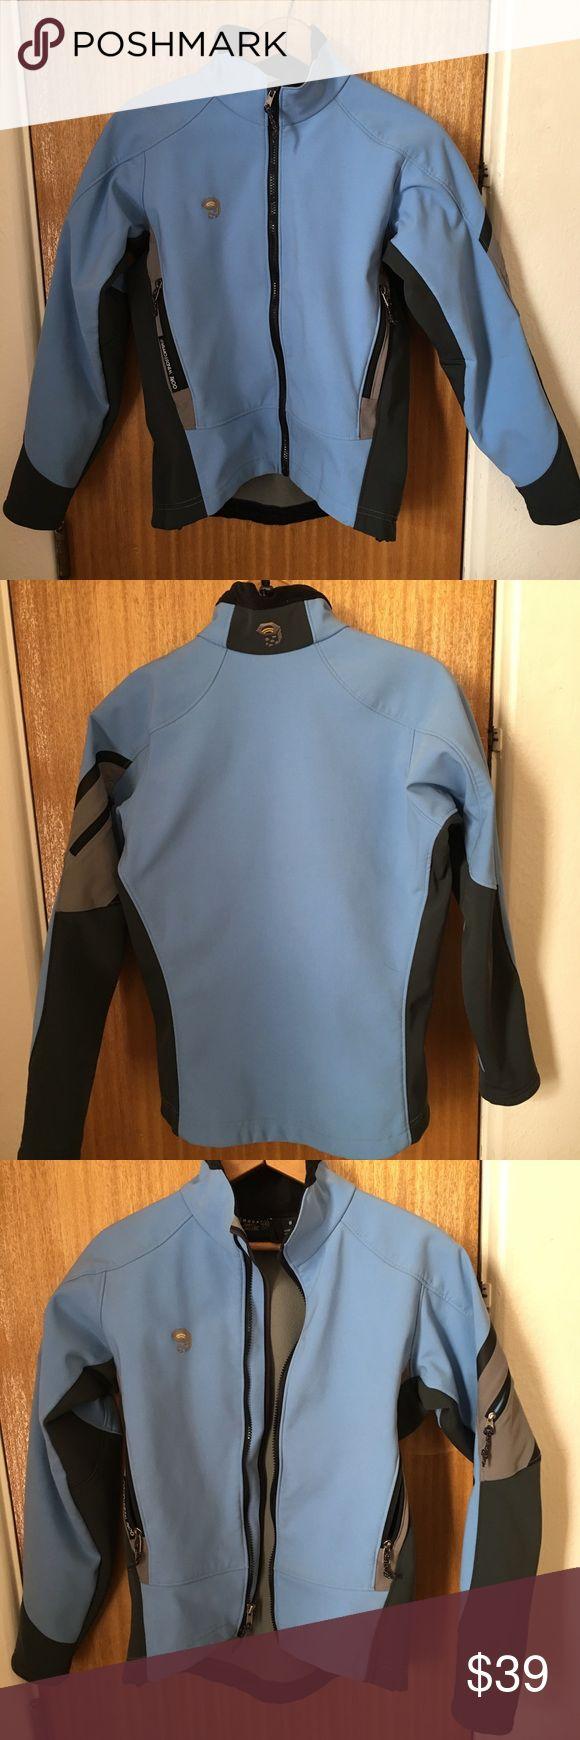 Mountain Hardwear Jacket Size 8 Mt Hard Wear Jacket Gore Windstopper Jacket.  Size 8.  Blue and gray. Mountain Hard Wear Jackets & Coats Utility Jackets